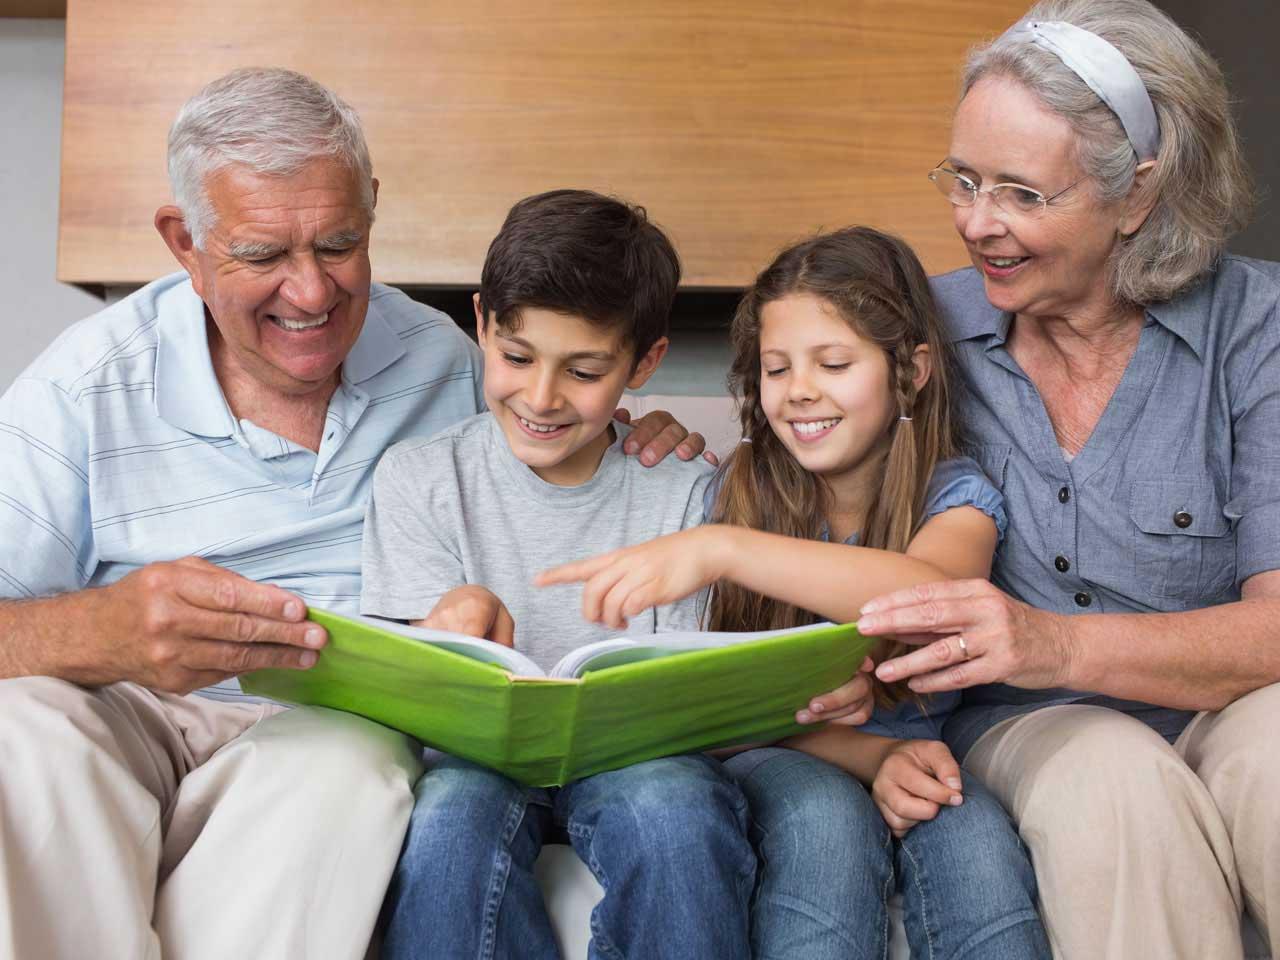 В посёлке Экодолье открылись курсы компьютерной грамотности для пенсионеров